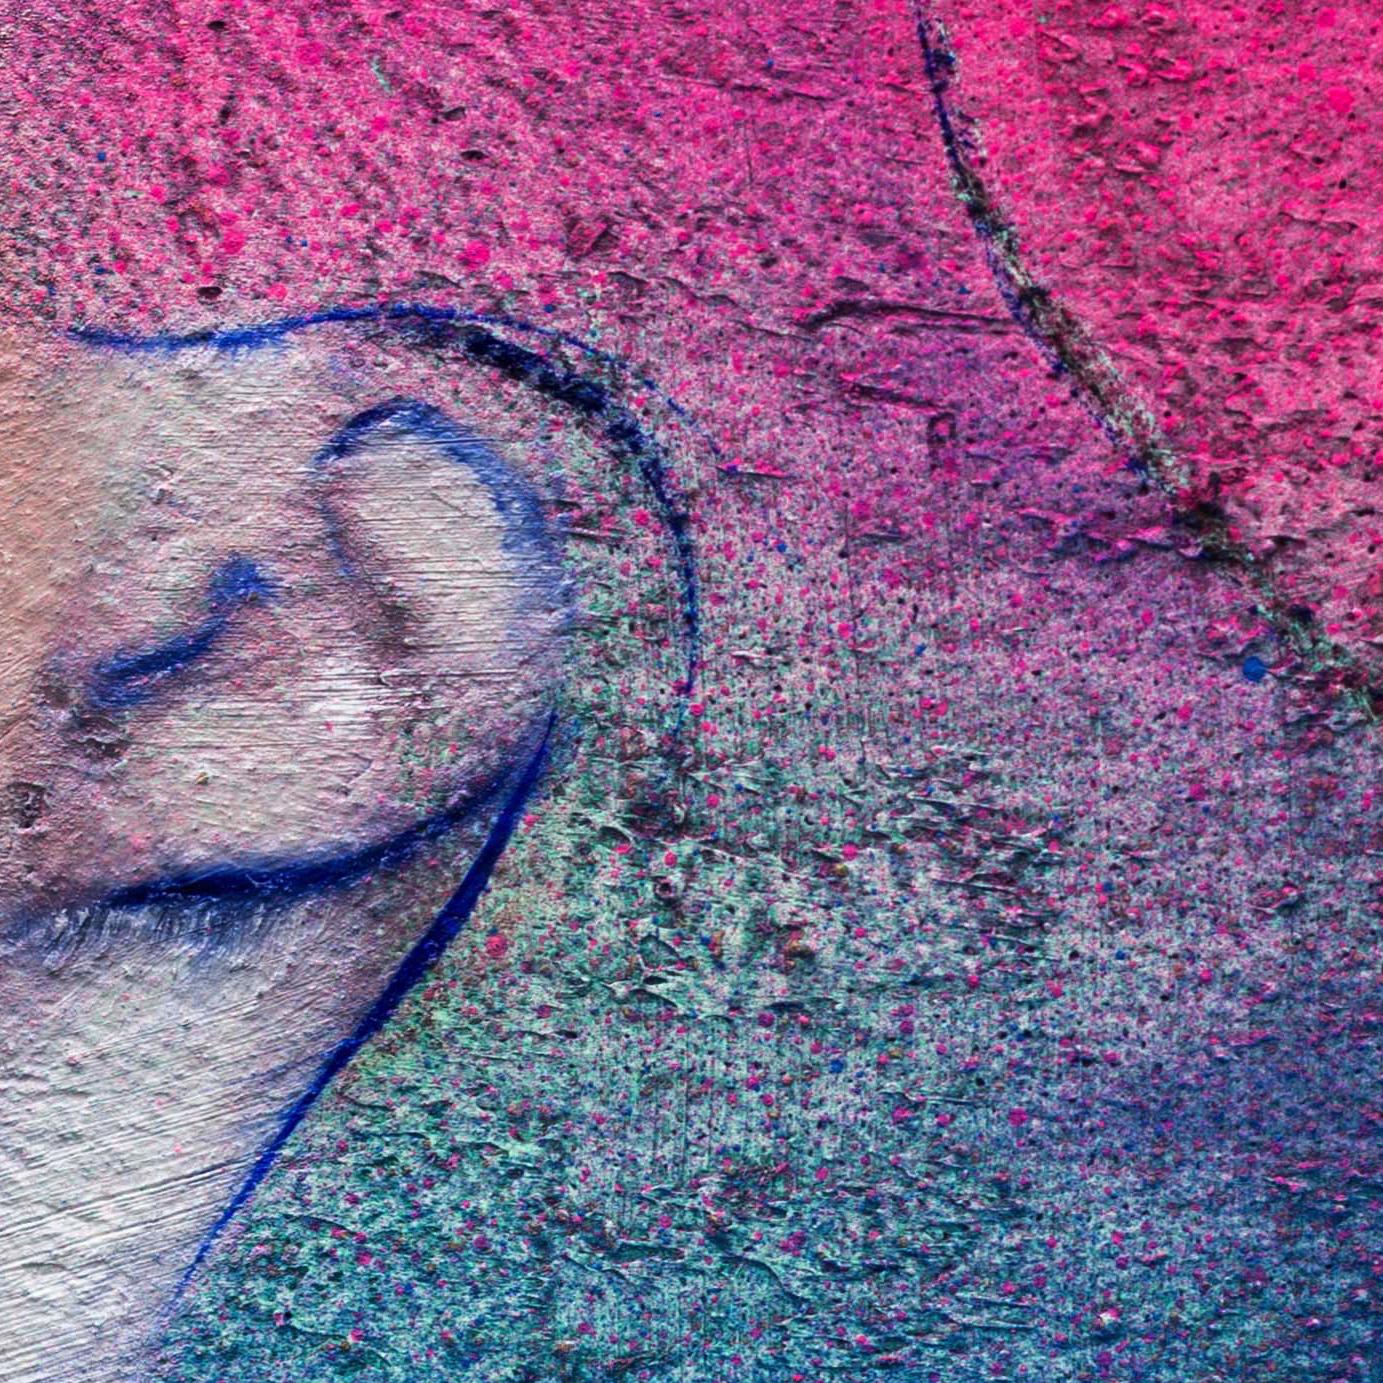 PinkDetail_2.jpg